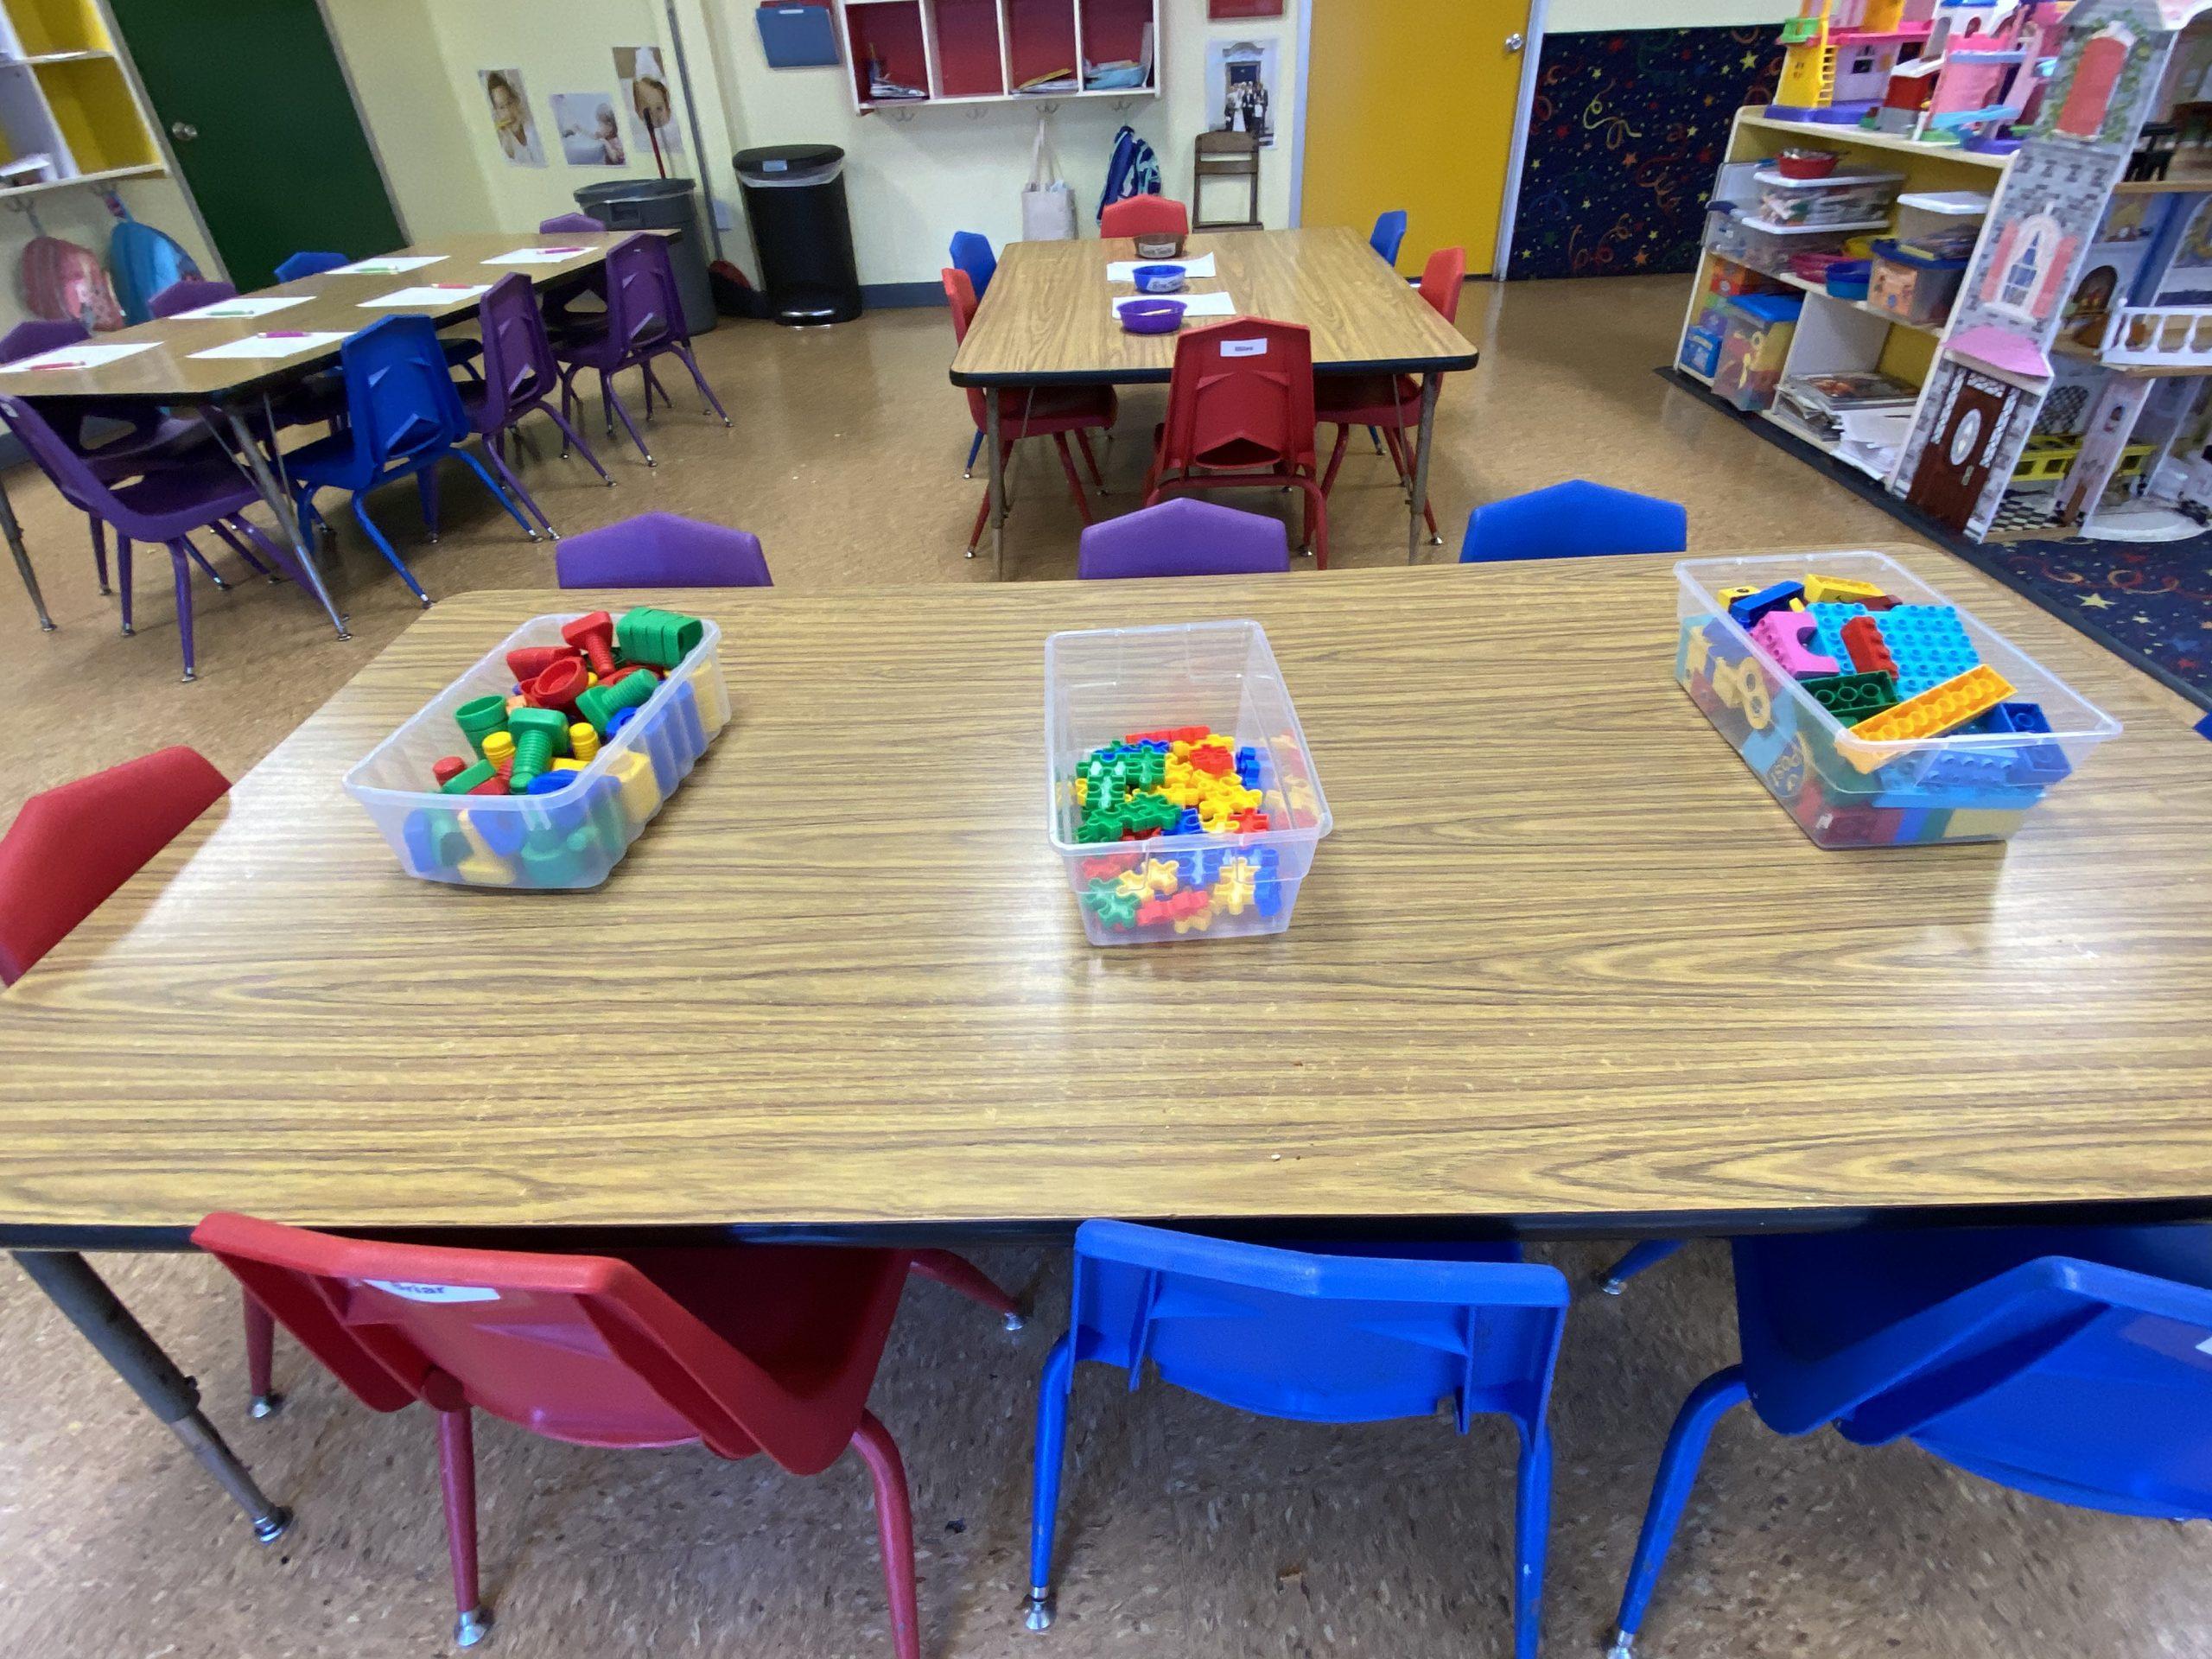 Preschool daycare warner center woodland hills